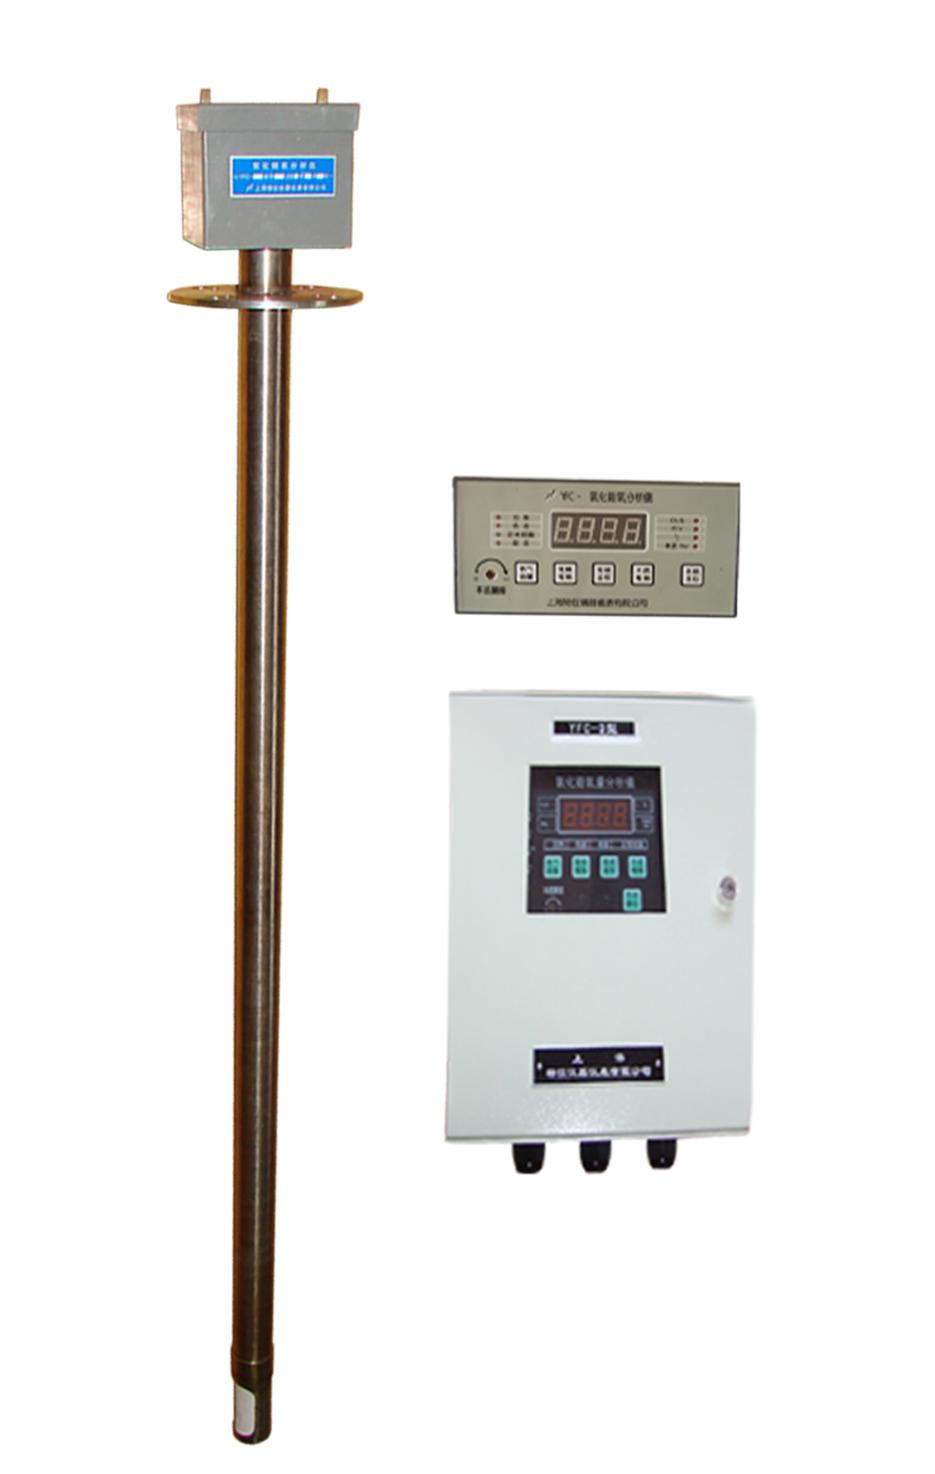 氧化锆氧分析仪的故障现象和处理方法